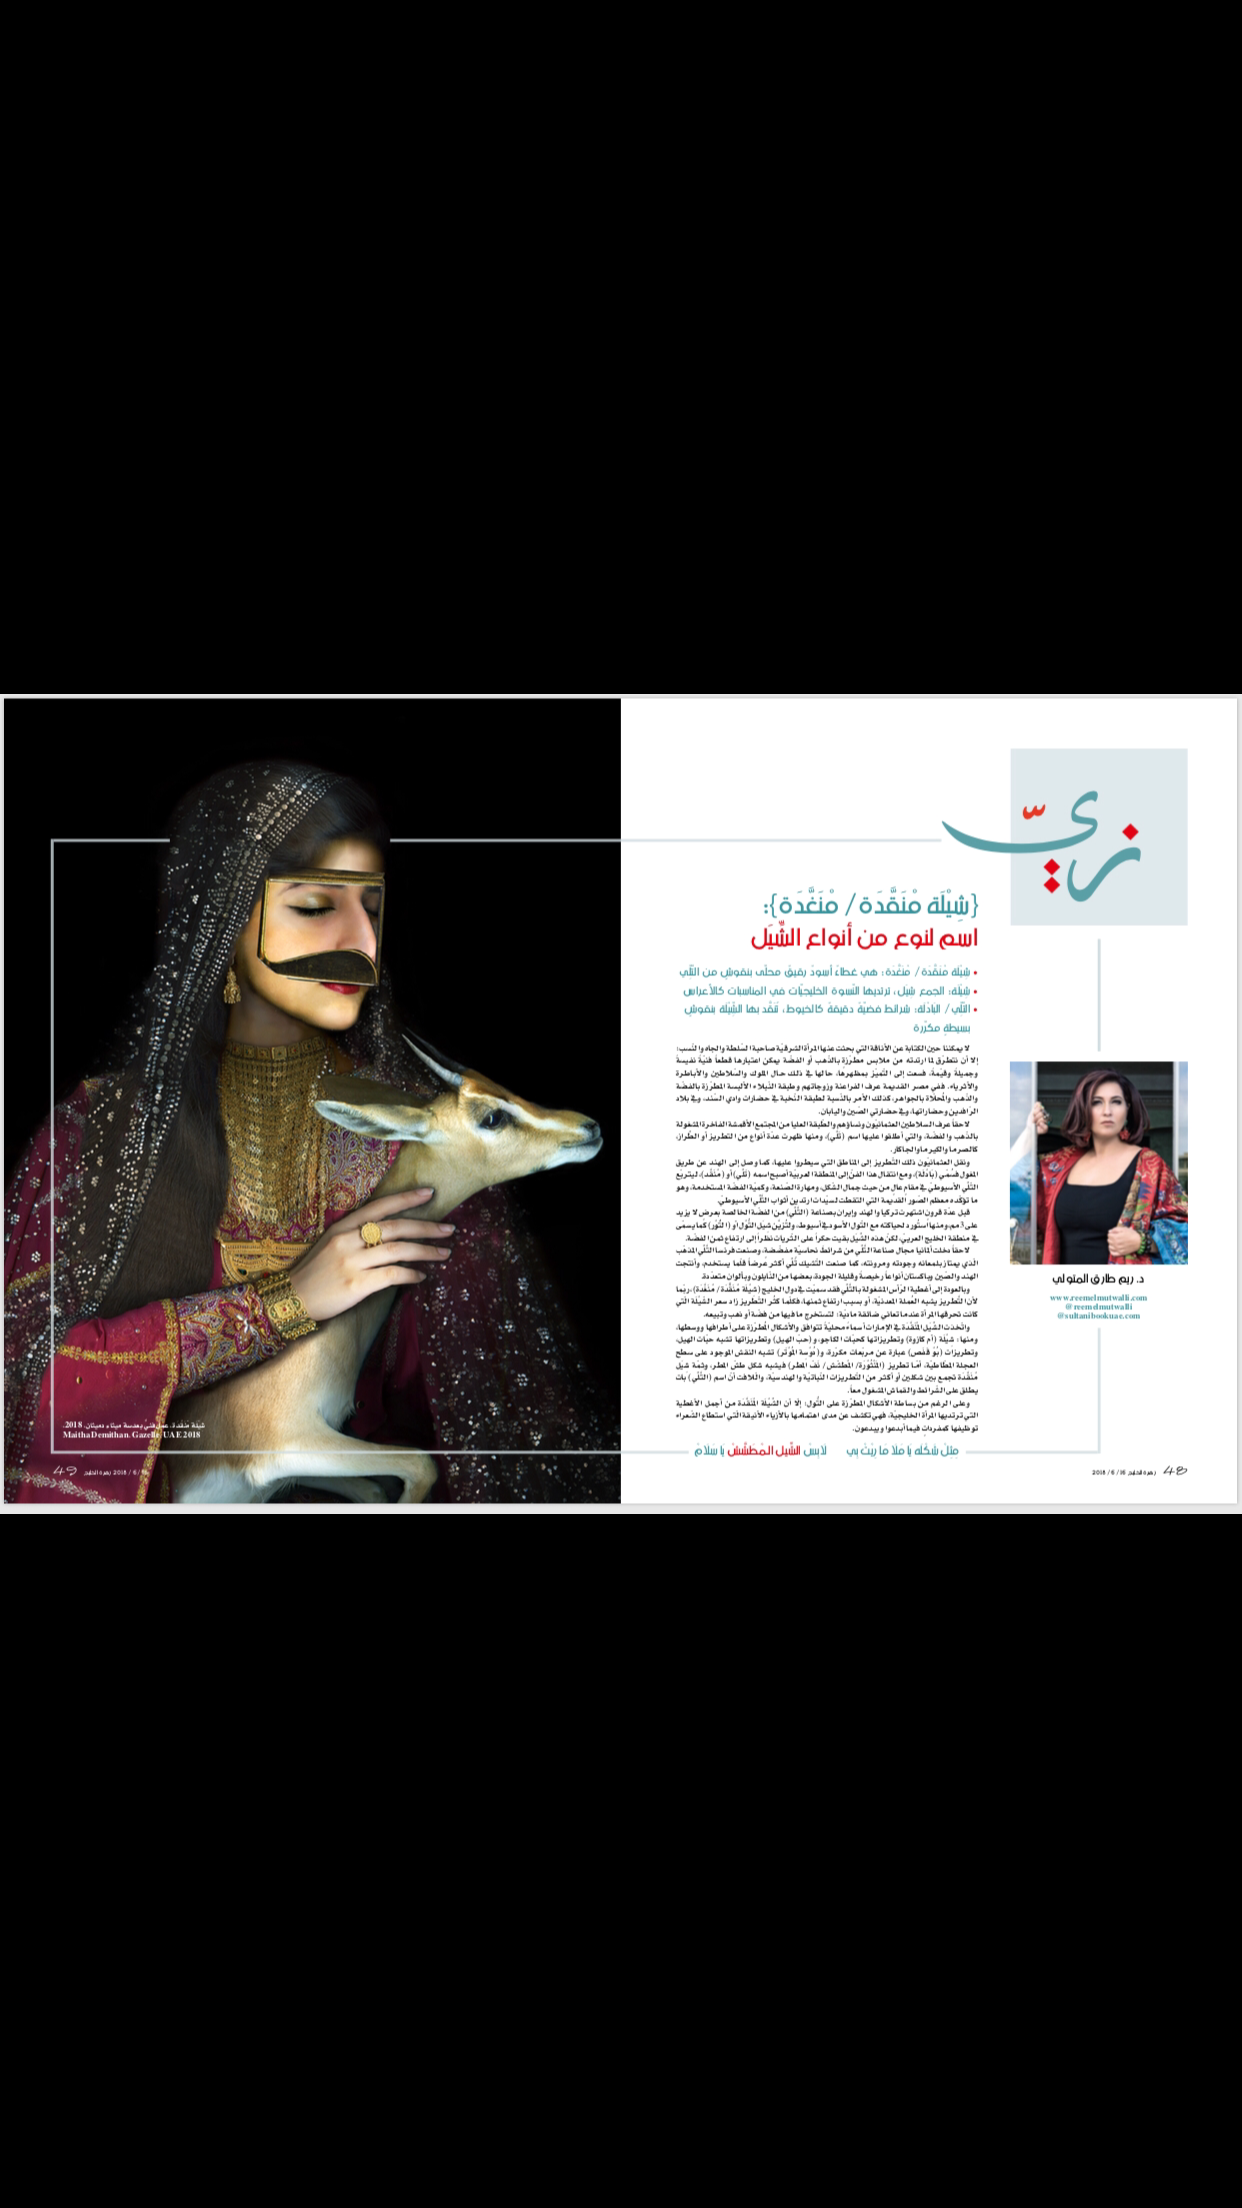 زي العدد ٥ شيلة منقدة منغدة مقالة أسبوعية زهرة الخليج ٢٠١٨ ٦ ١٤ Zay 4 Imnaqidah Silver Studded Veil We Omani Tunisia United Arab Emirates